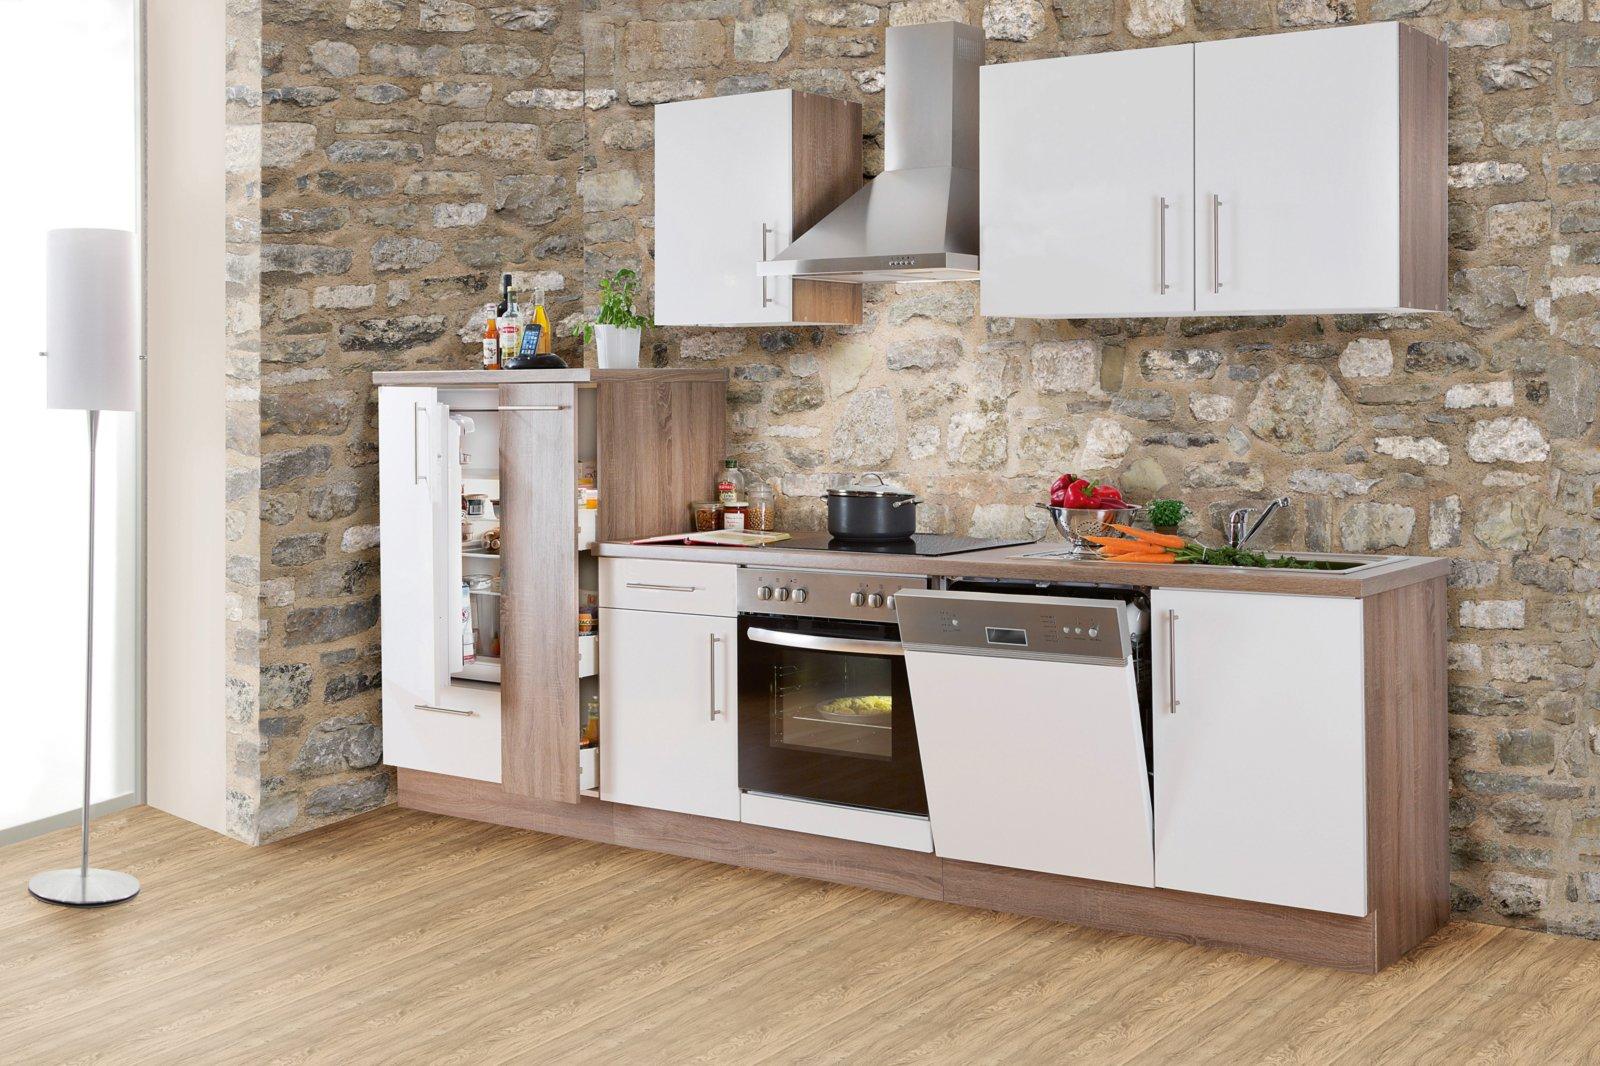 roller kuchen rezepte kuchen 26er form hausrezepte von beliebten kuchen. Black Bedroom Furniture Sets. Home Design Ideas